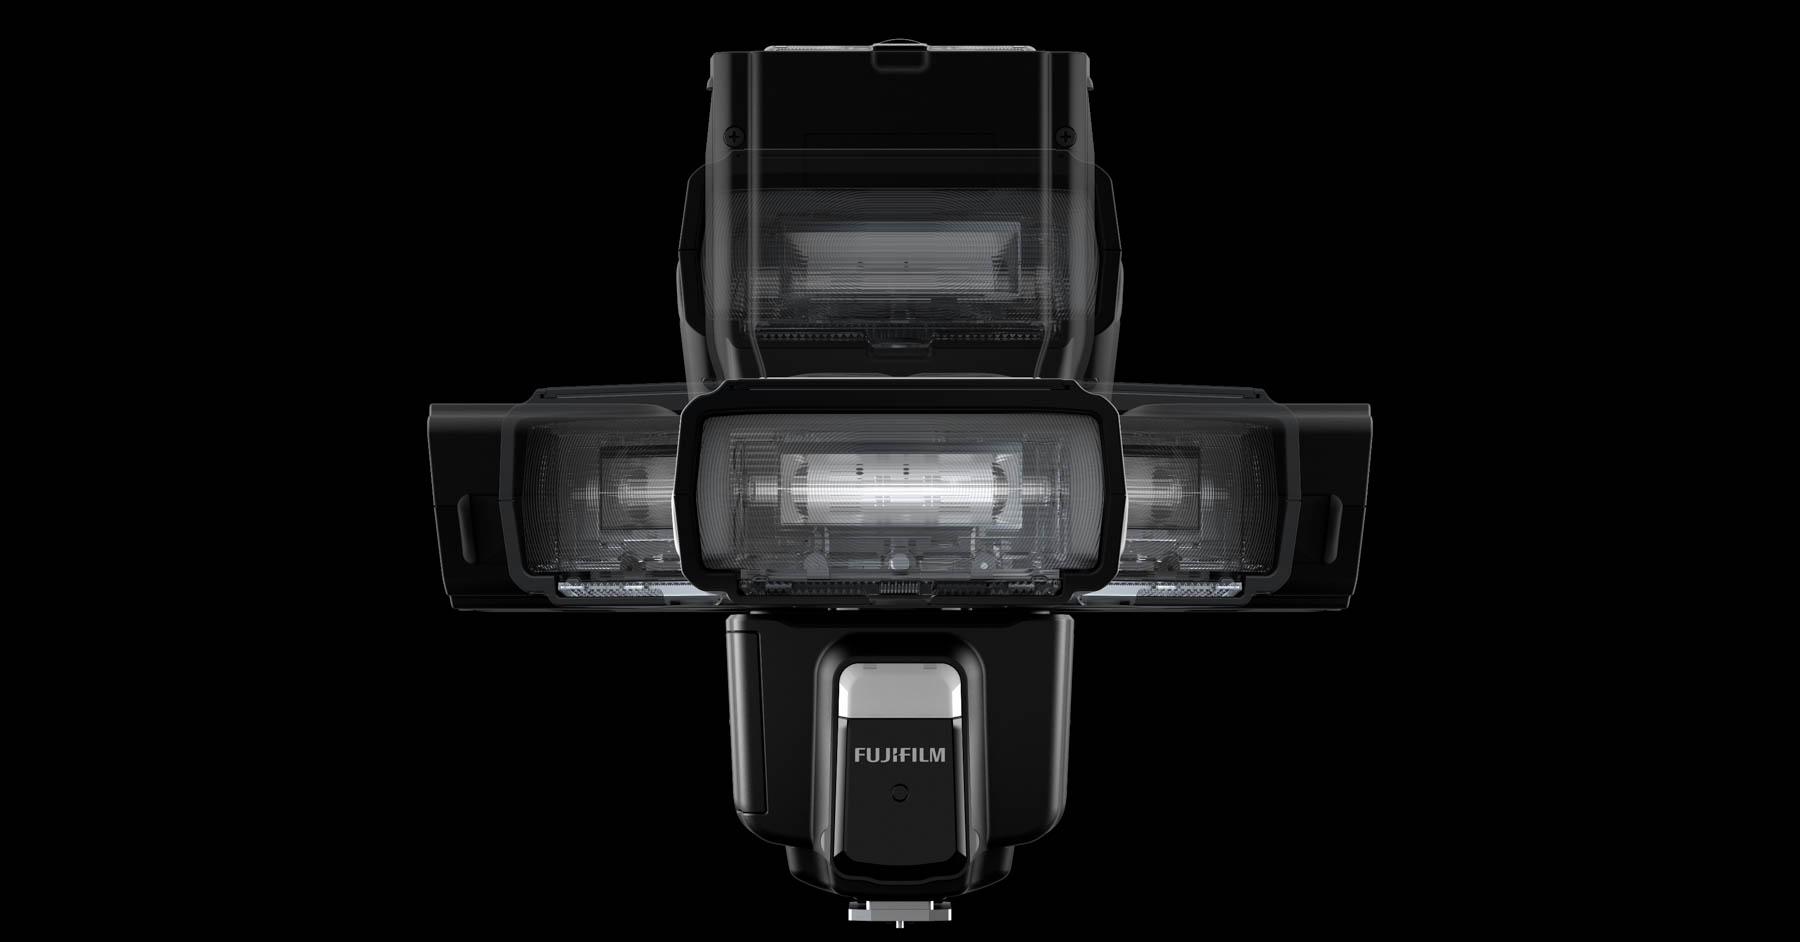 Nuevo flash Fujifilm EF-60 y controlador inalámbrico EF-W1